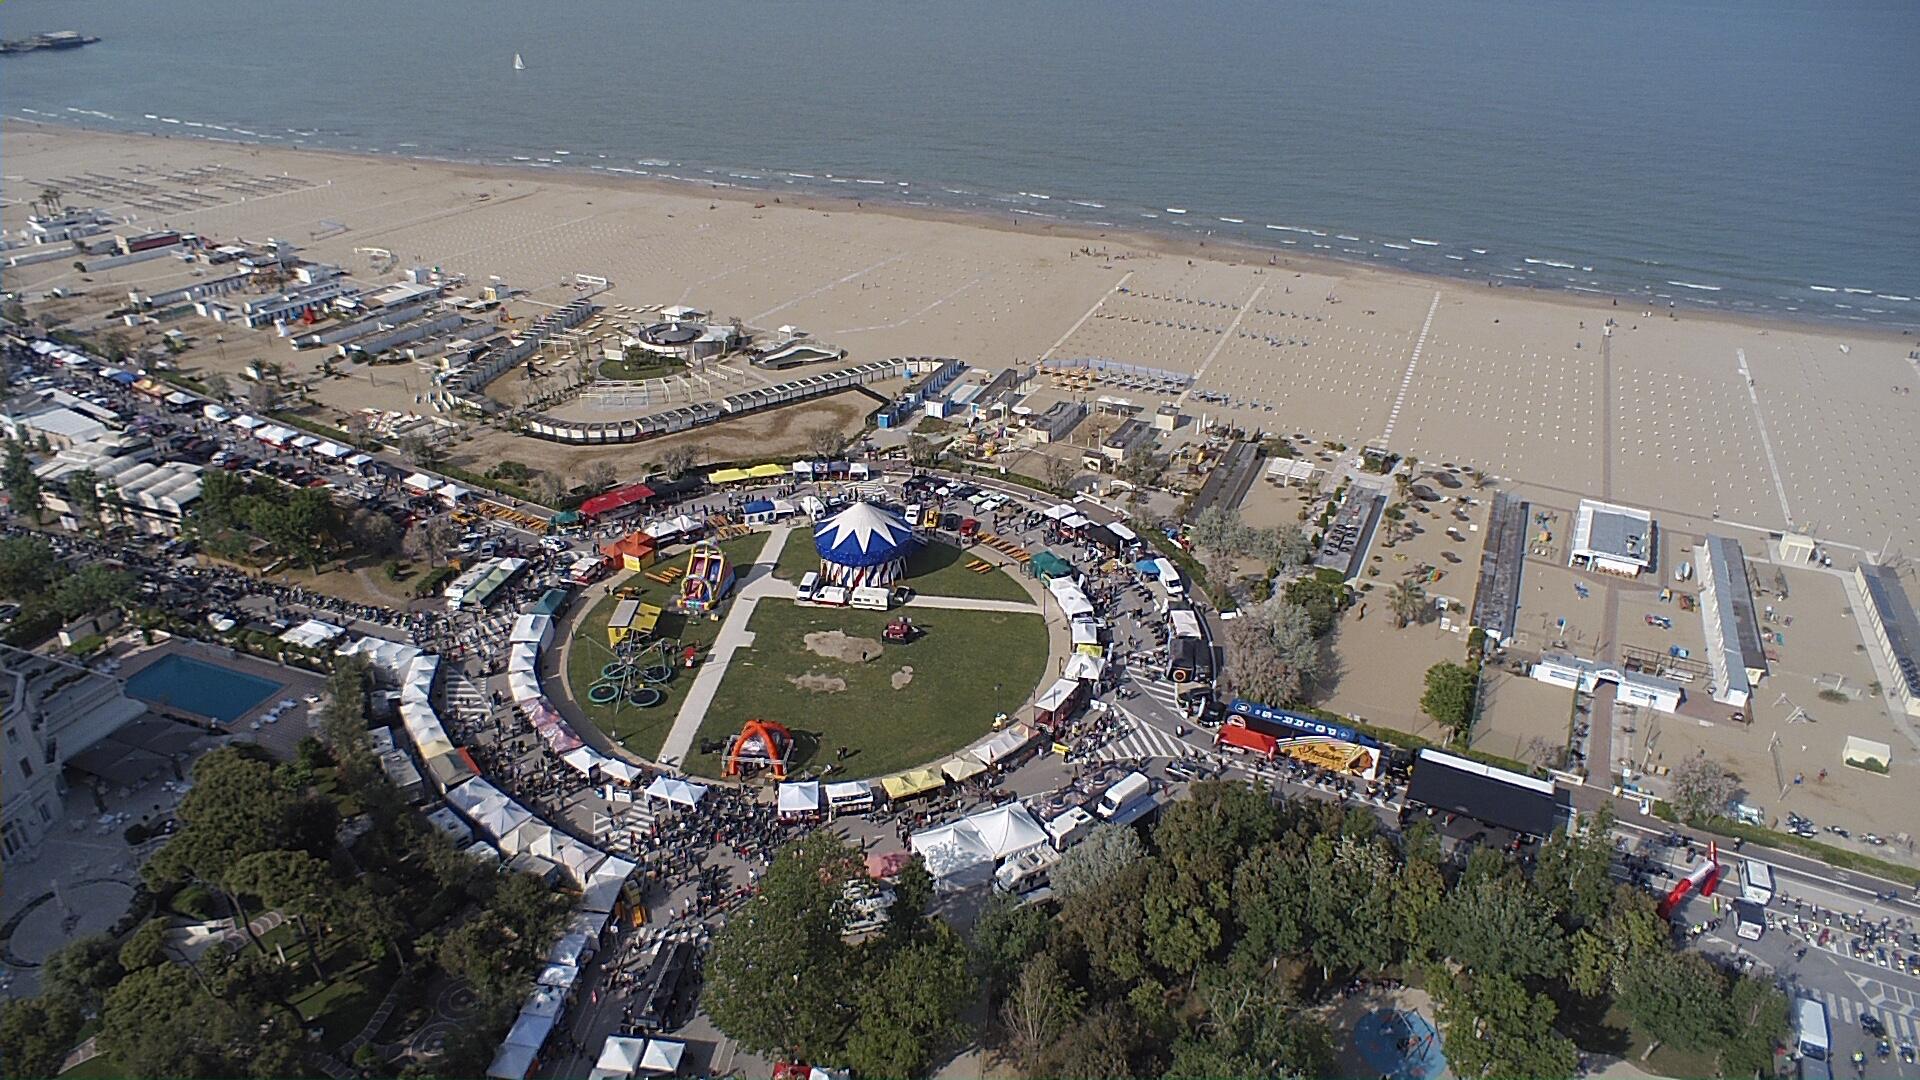 Reunion Rimini accende i motori. Dal 3 al 5 maggio musica rock, food truck e migliaia di motociclette americane.